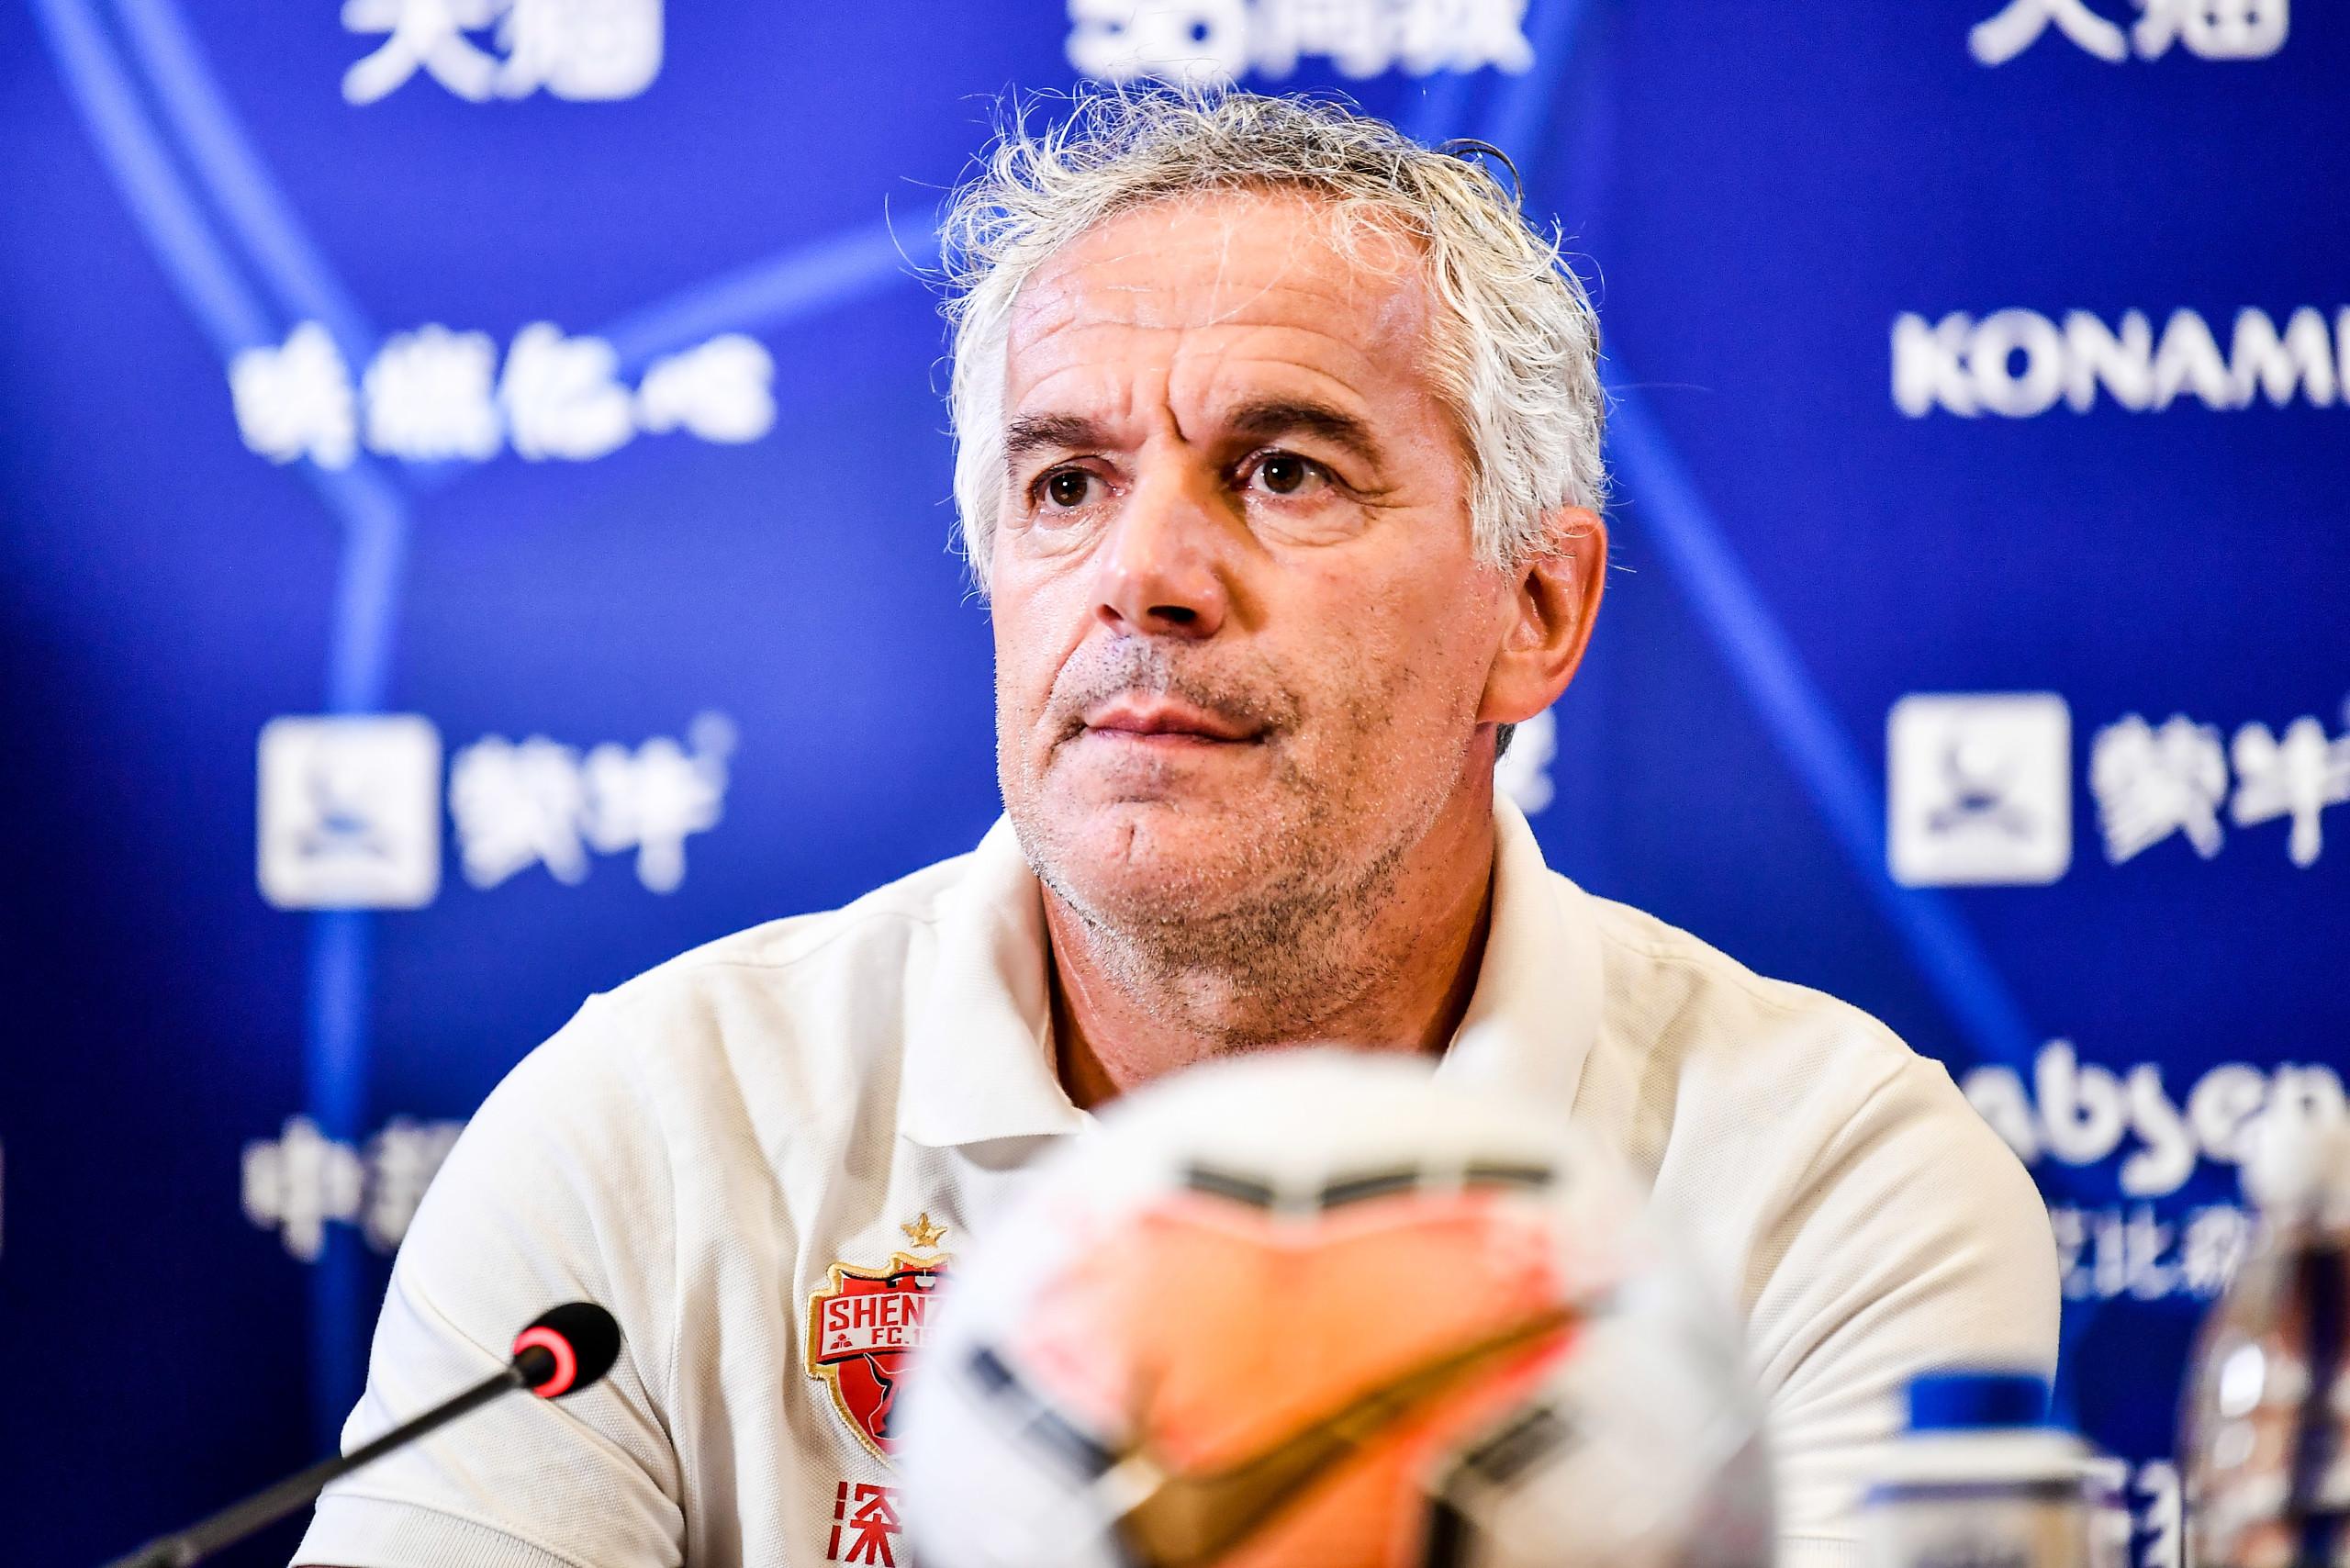 多纳多尼:对阵申花要注意细节,做好应对困难准备